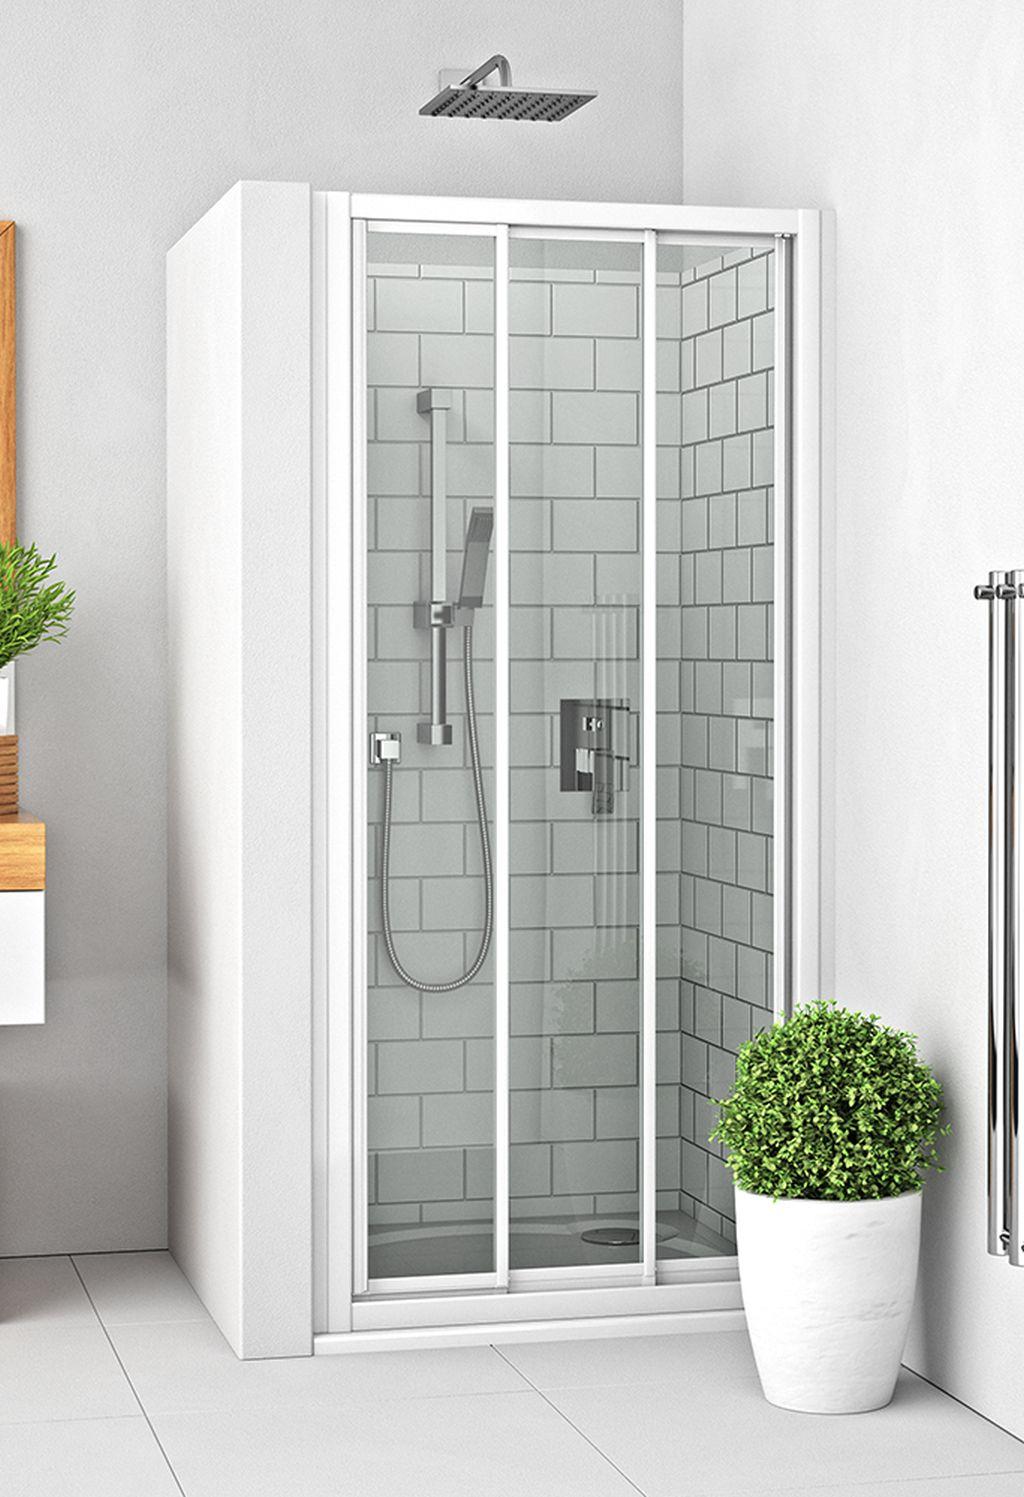 ROLTECHNIK Sprchové dveře posuvné s oboustranným vstupem pro instalaci do niky PD3N/1000 bílá/transparent 413-1000000-04-02